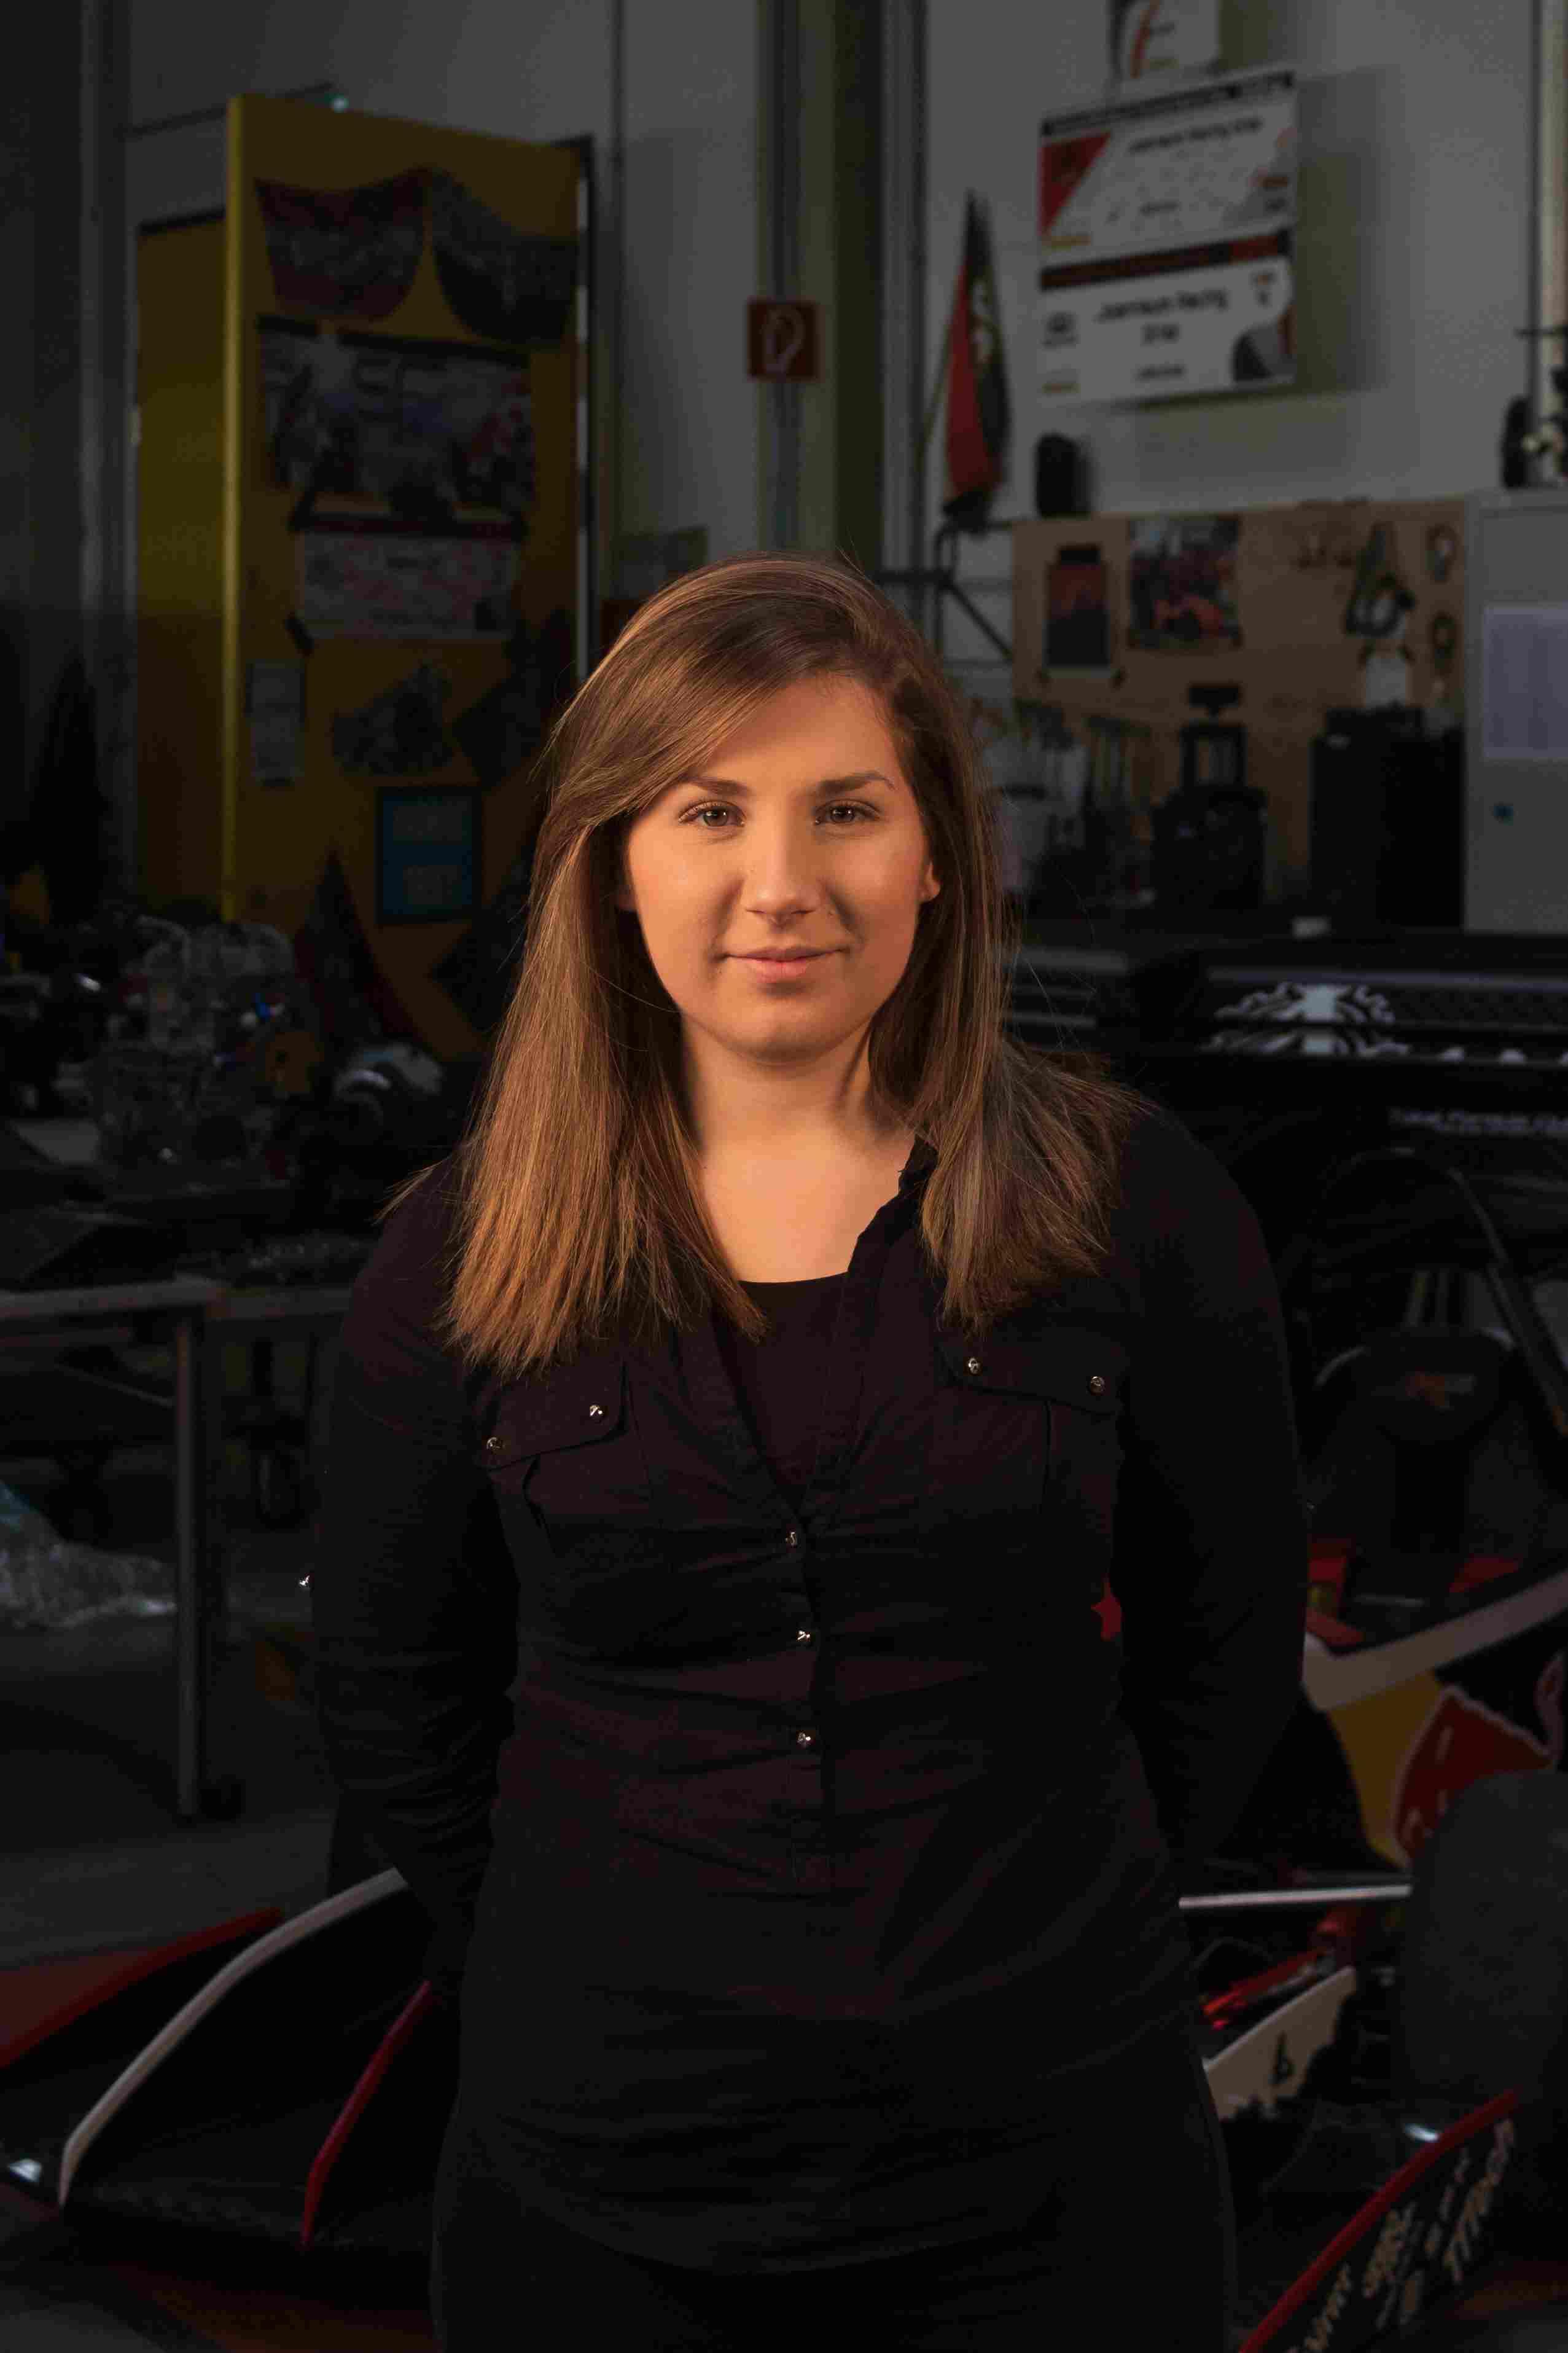 Sarah Kouba